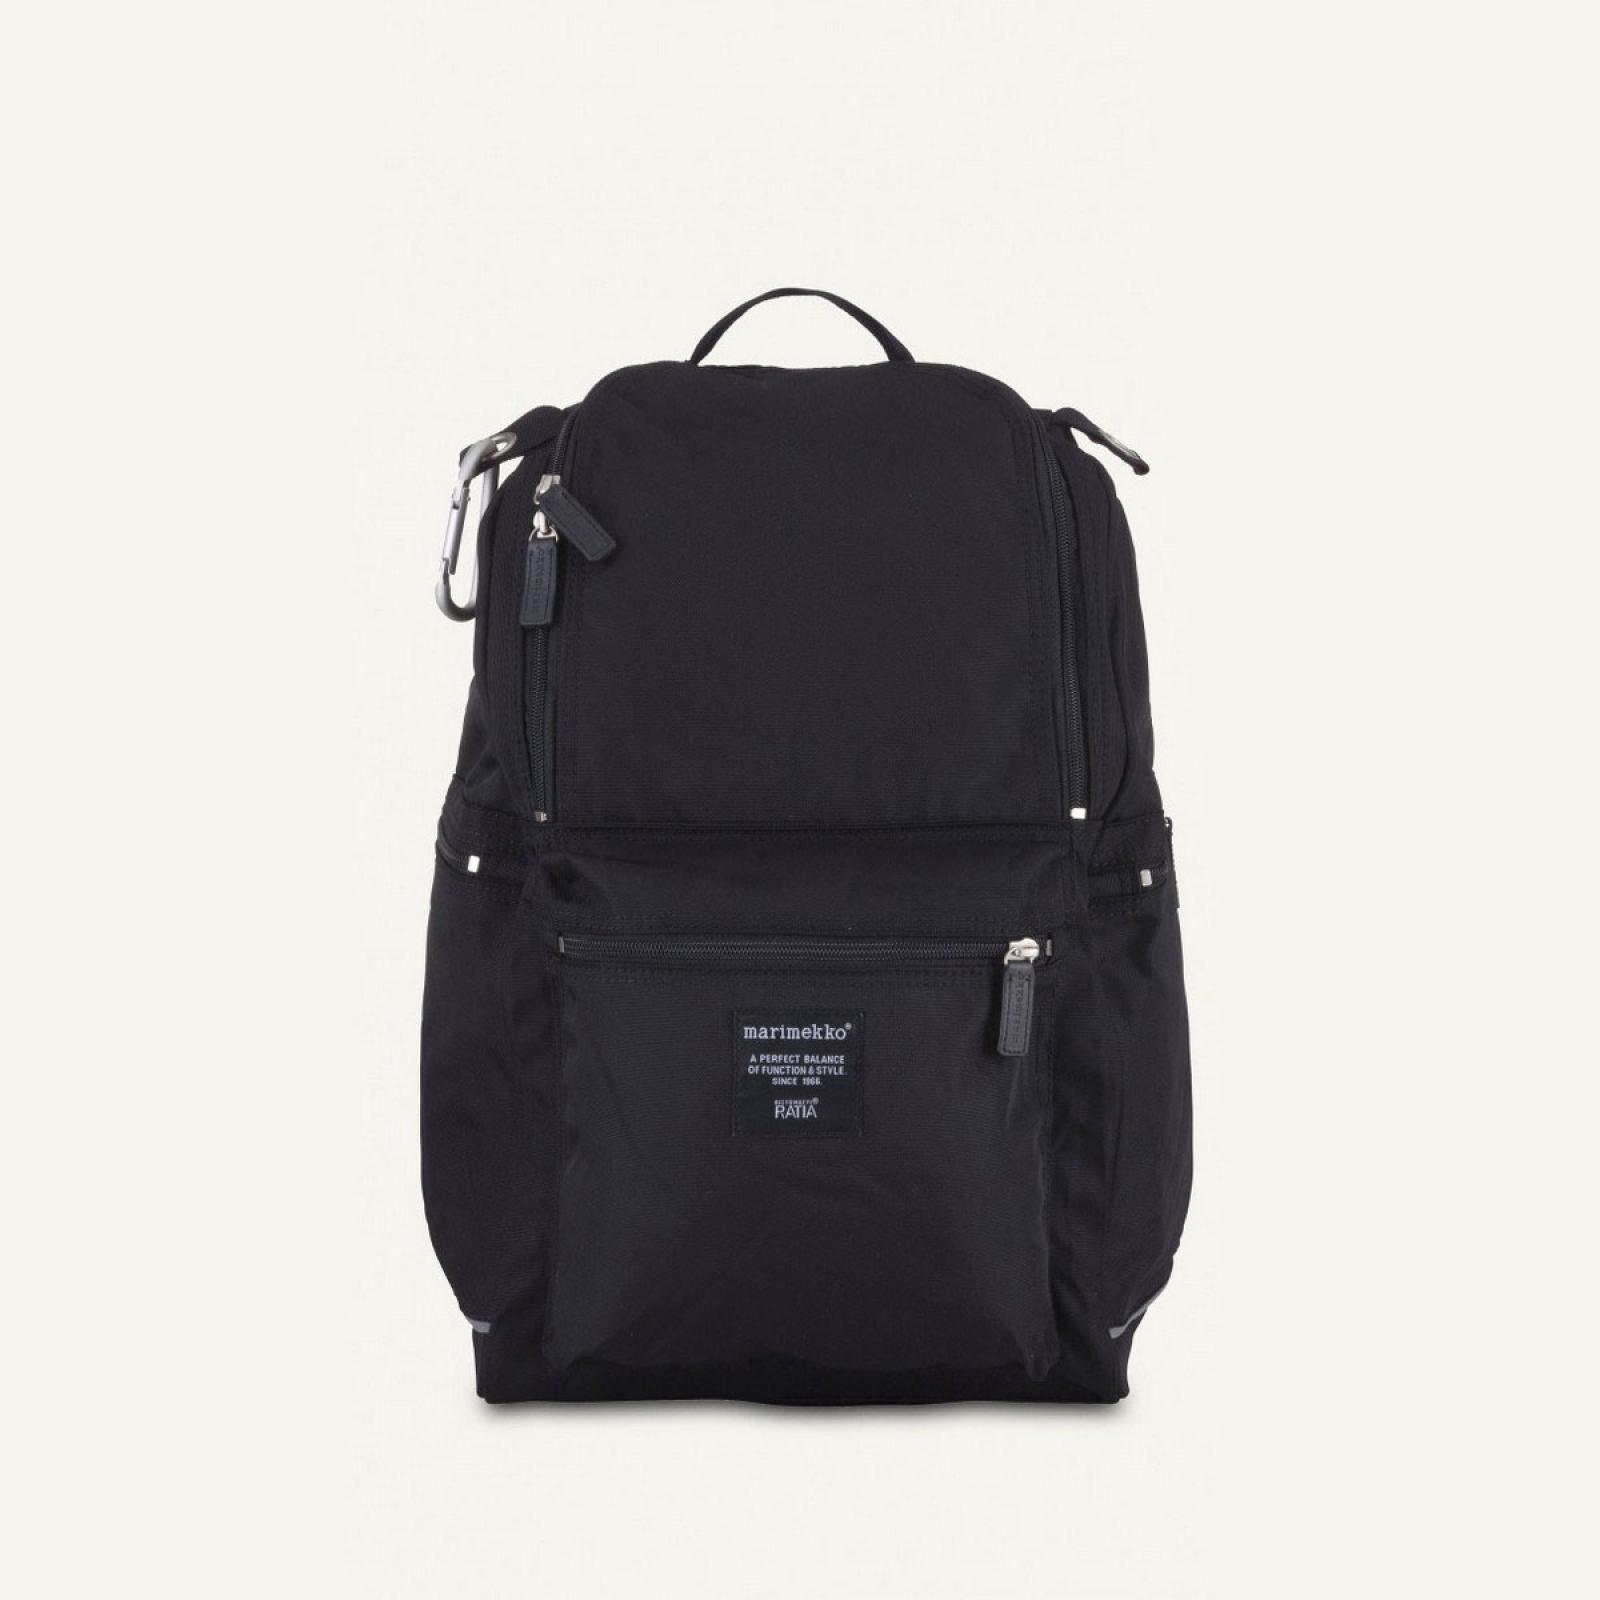 Marimekko Buddy backpack - 1